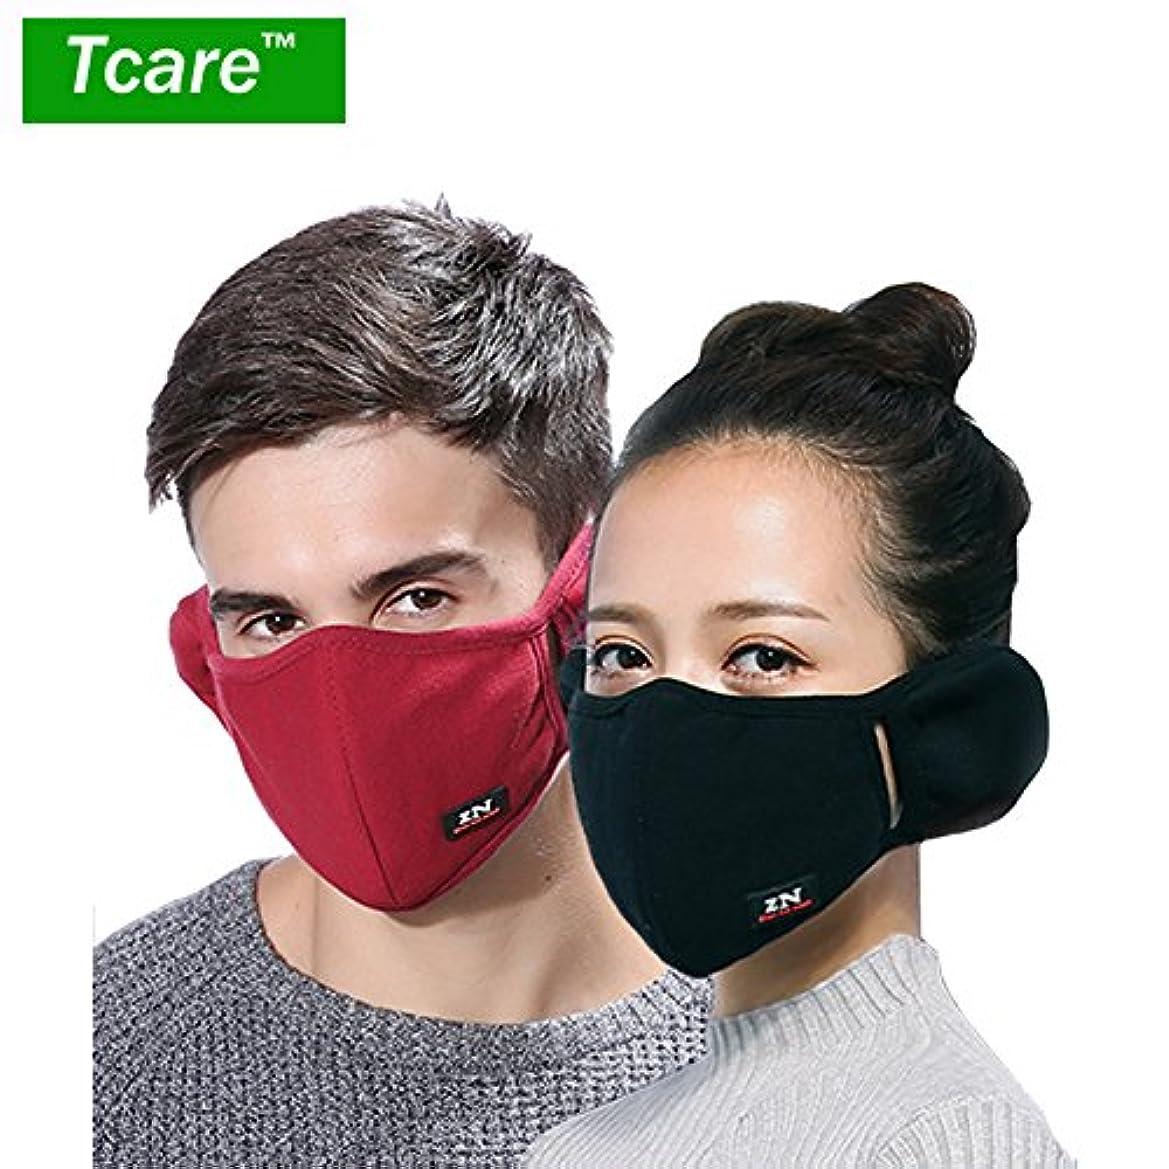 固体検査官クリック男性女性の少年少女のためのTcare呼吸器2レイヤピュアコットン保護フィルター挿入口:10紺